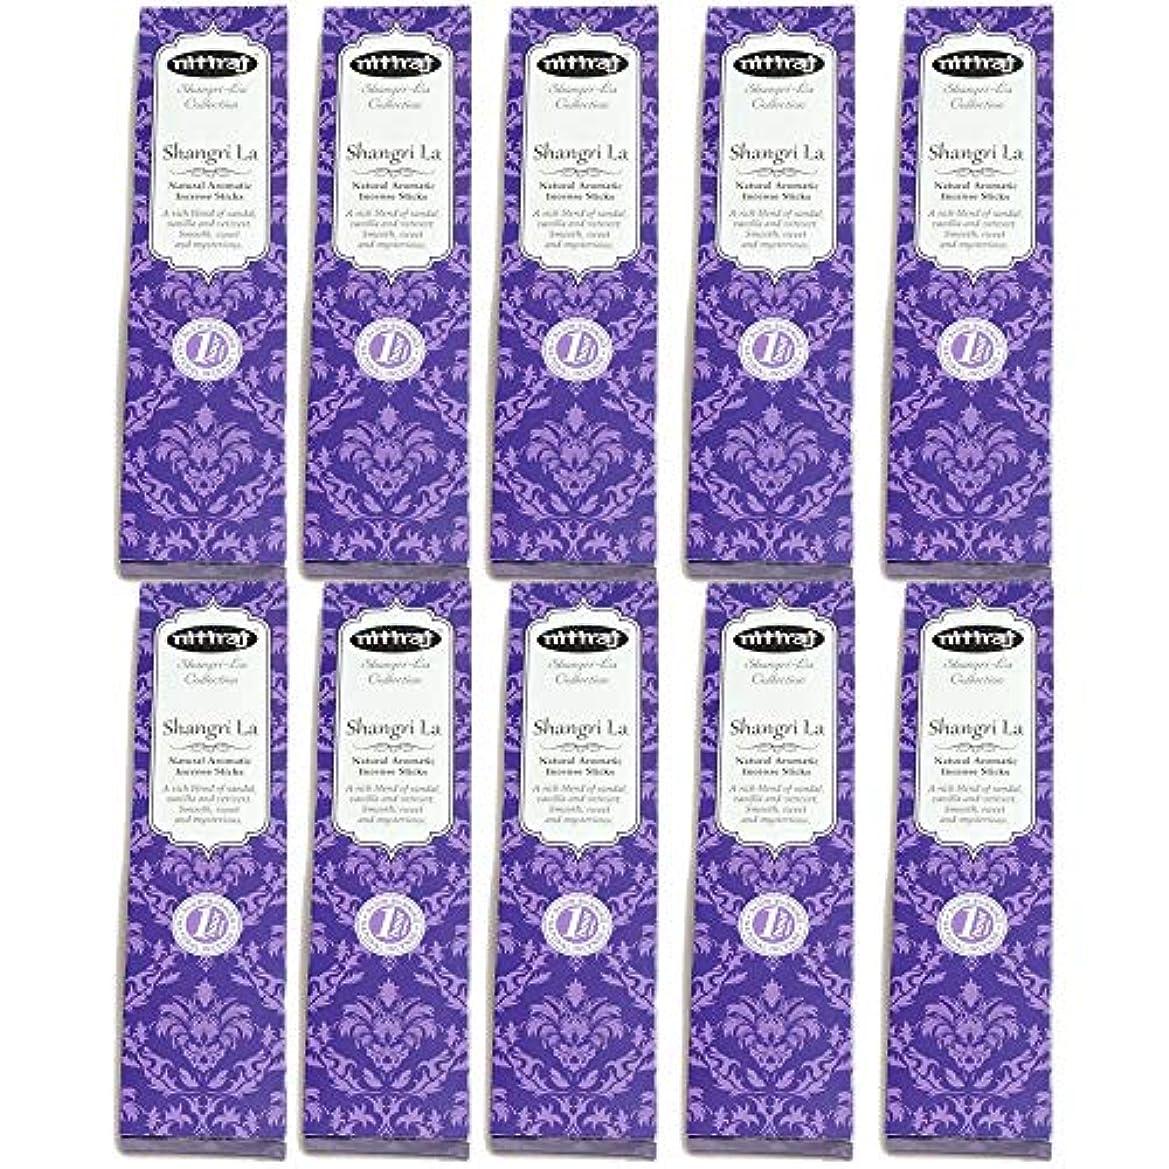 導体市の花幽霊お香 アロマインセンス Nitiraj(ニティラジ)一番人気の香り シャングリ?ラ 10箱セット スティック型 天然素材のみ使用 正規輸入代理店